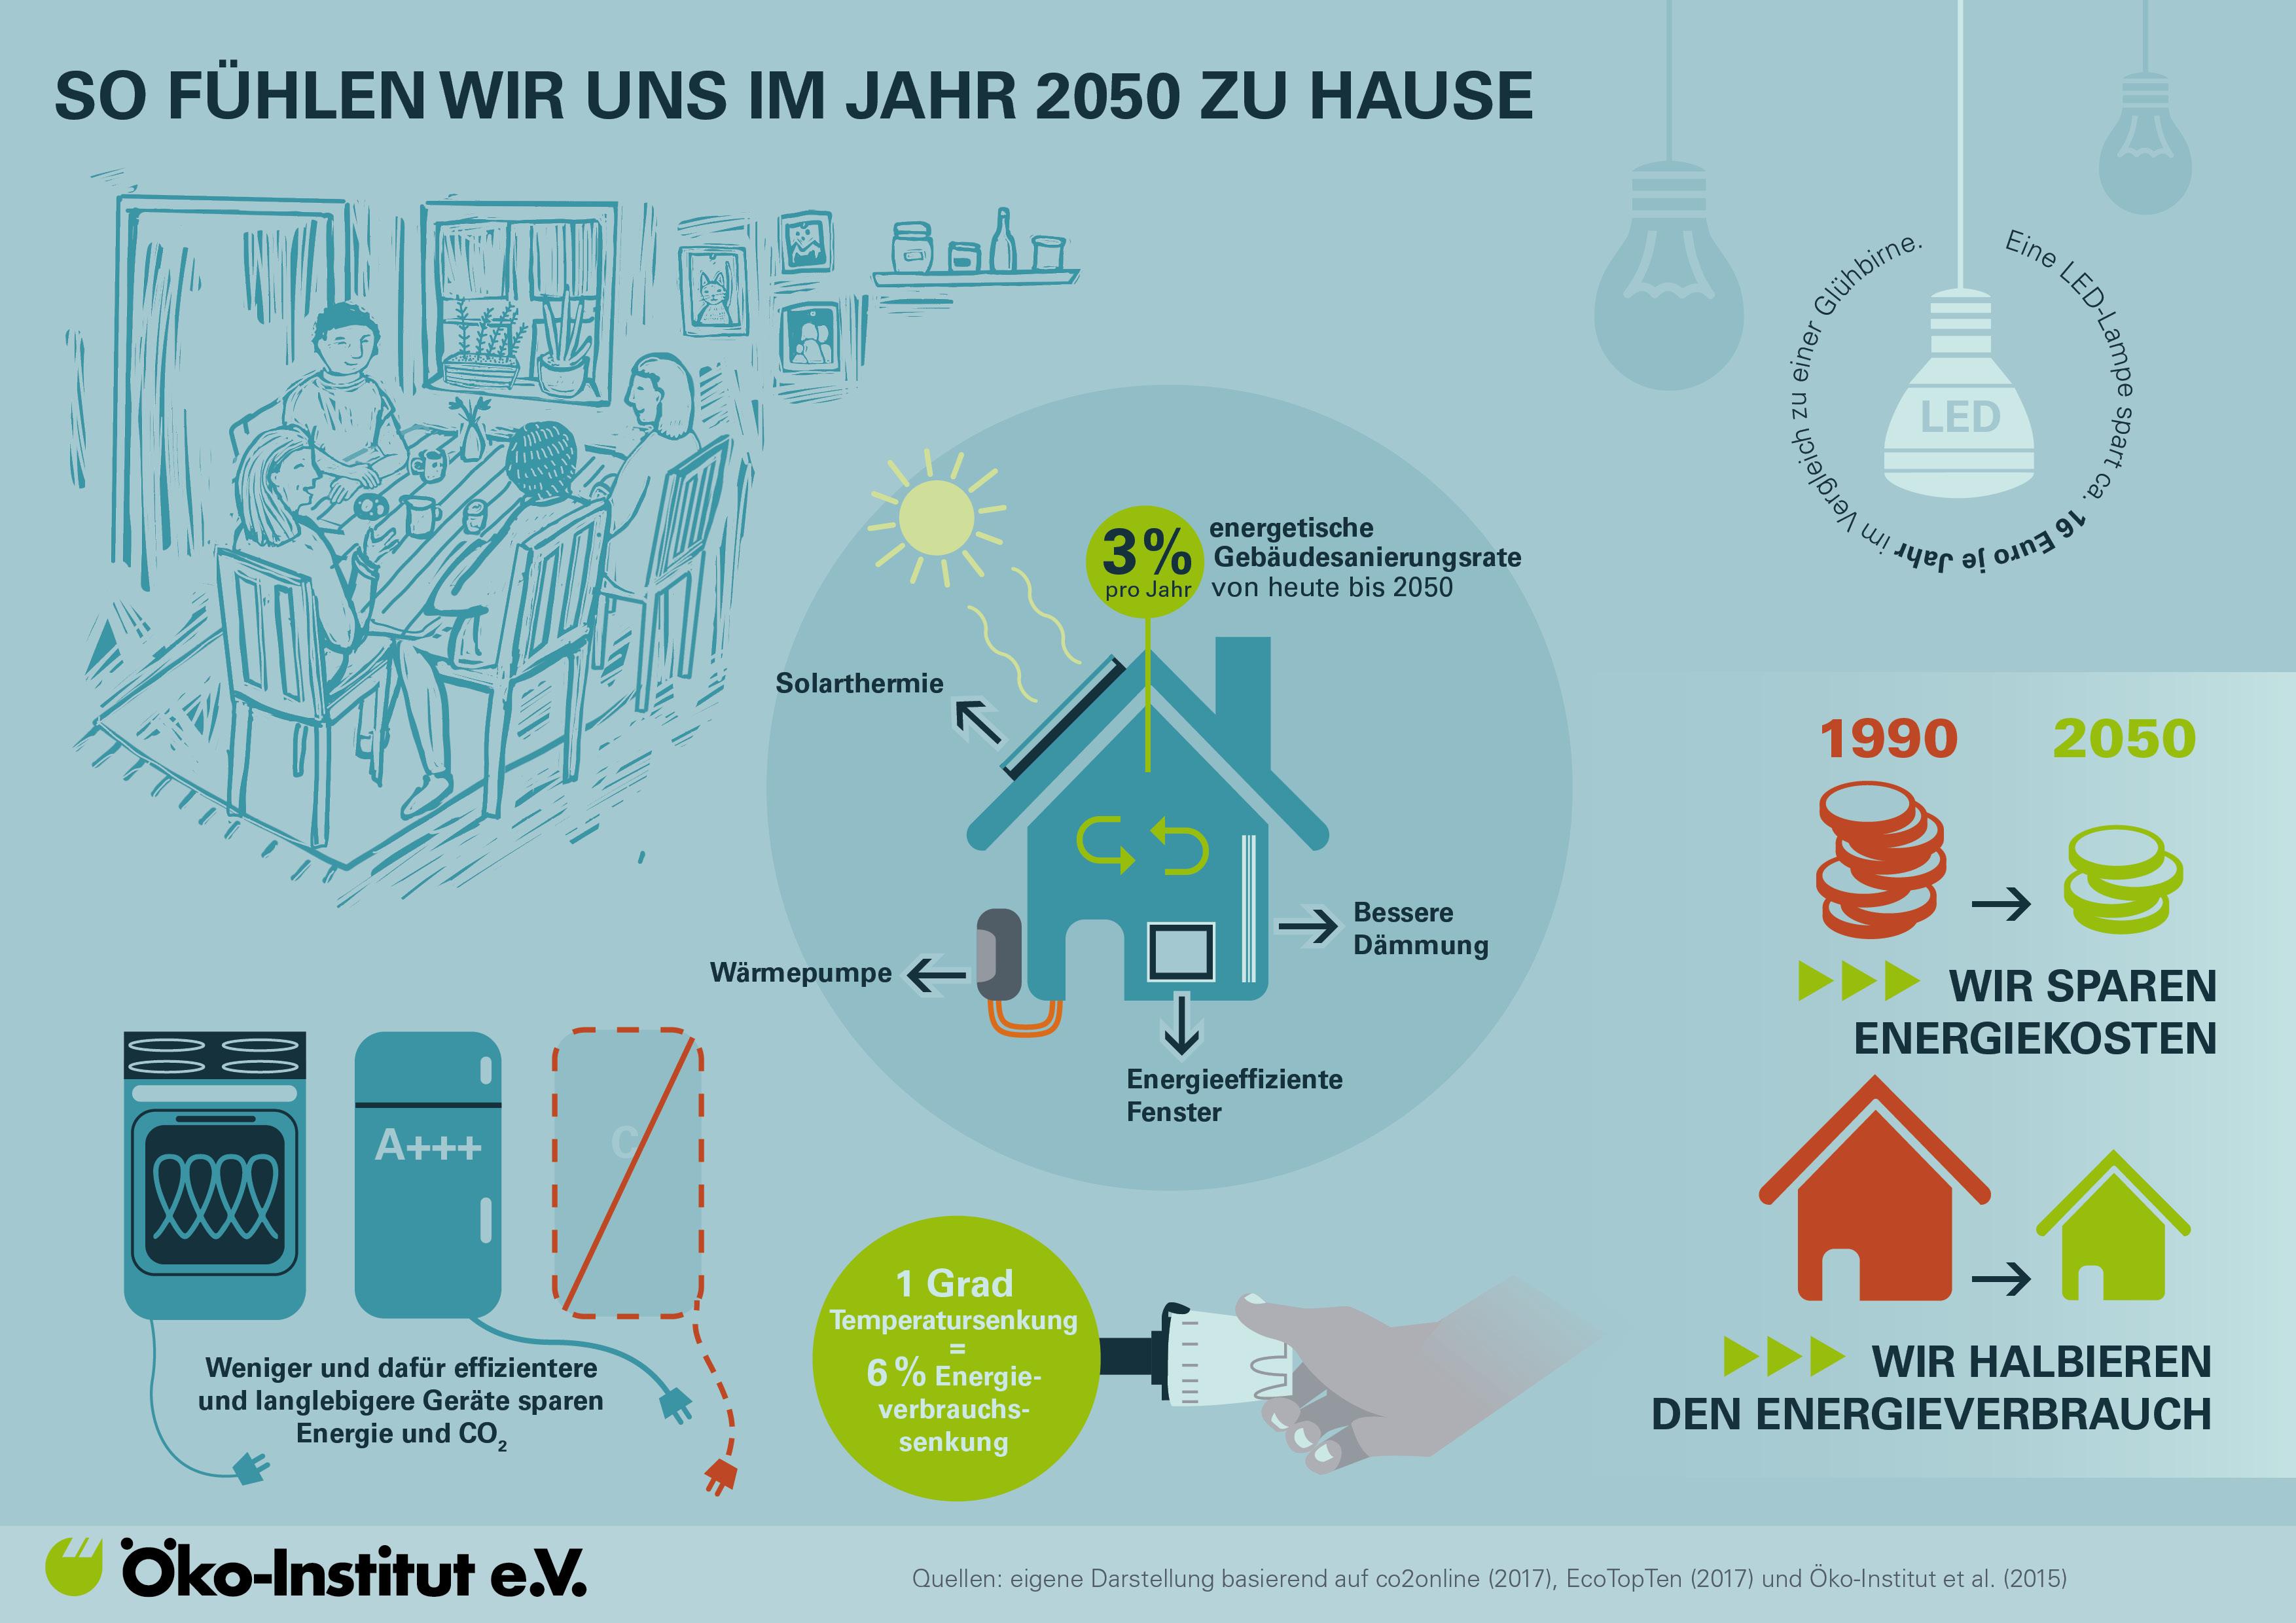 Klimafreundliches Wohnen spart Geld und Energie